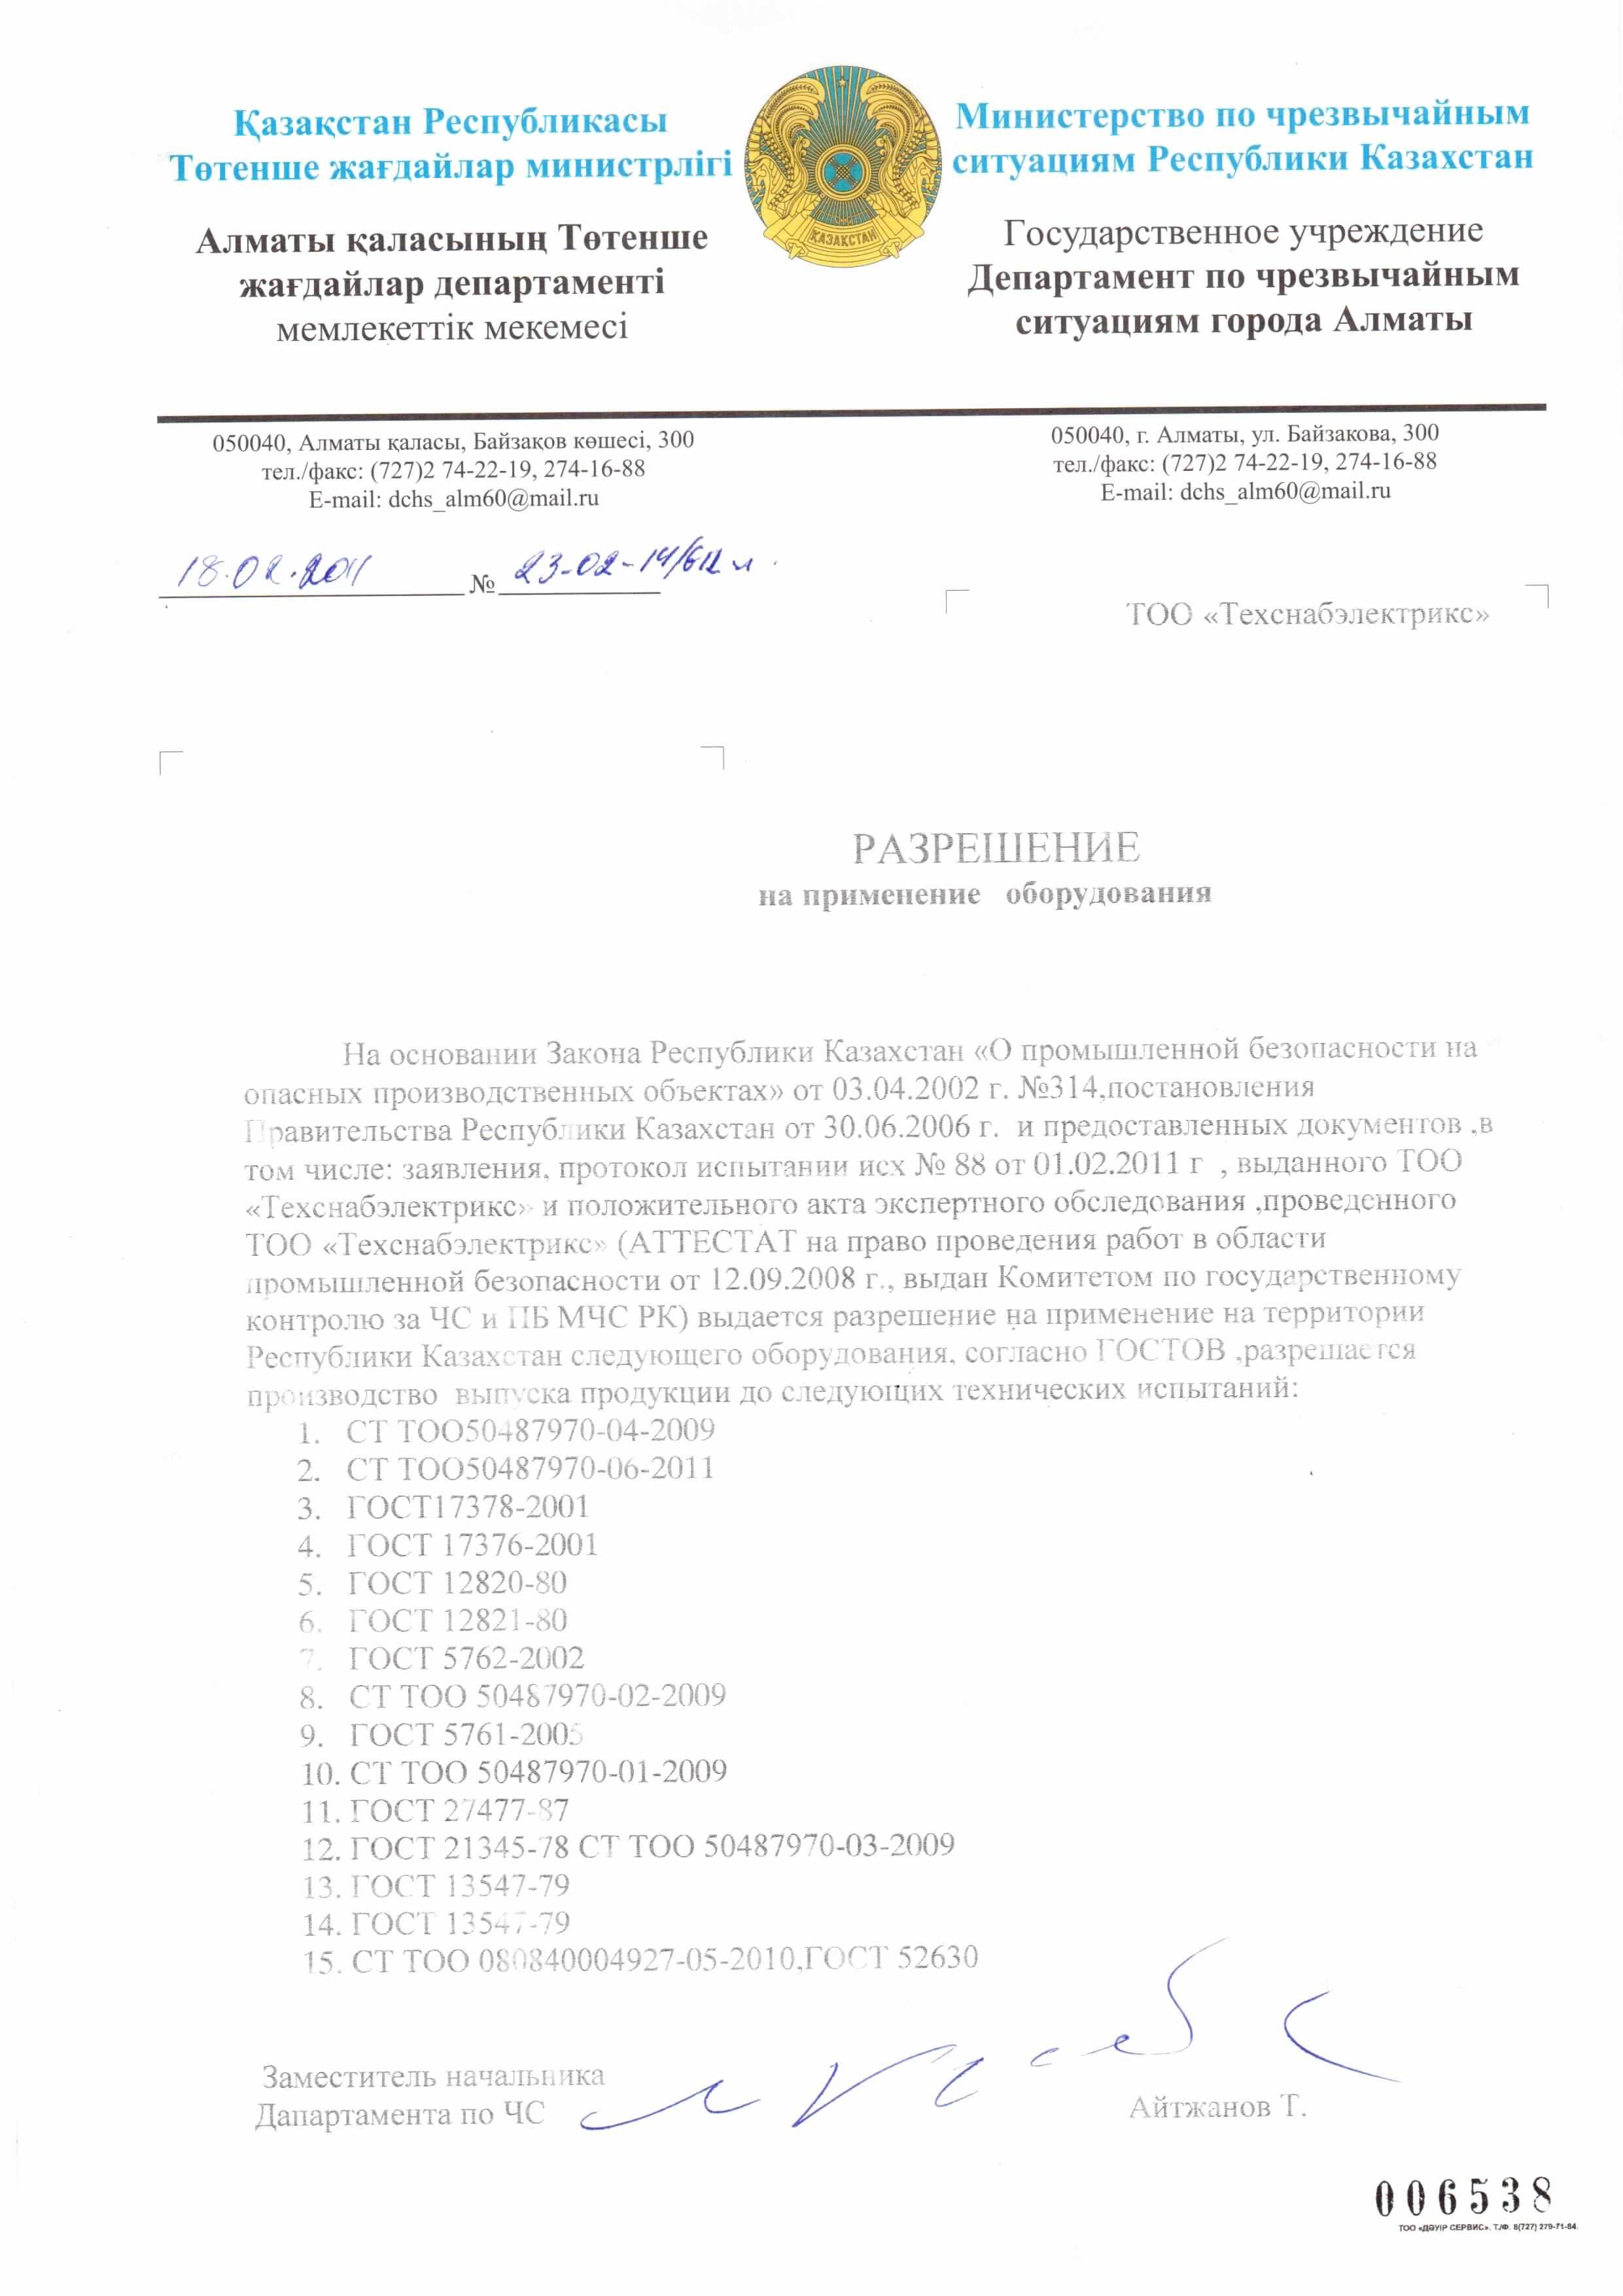 哈萨克斯坦许可证,GGTN许可证,GGTN证书,Kazakhstan Permit To Use certificate